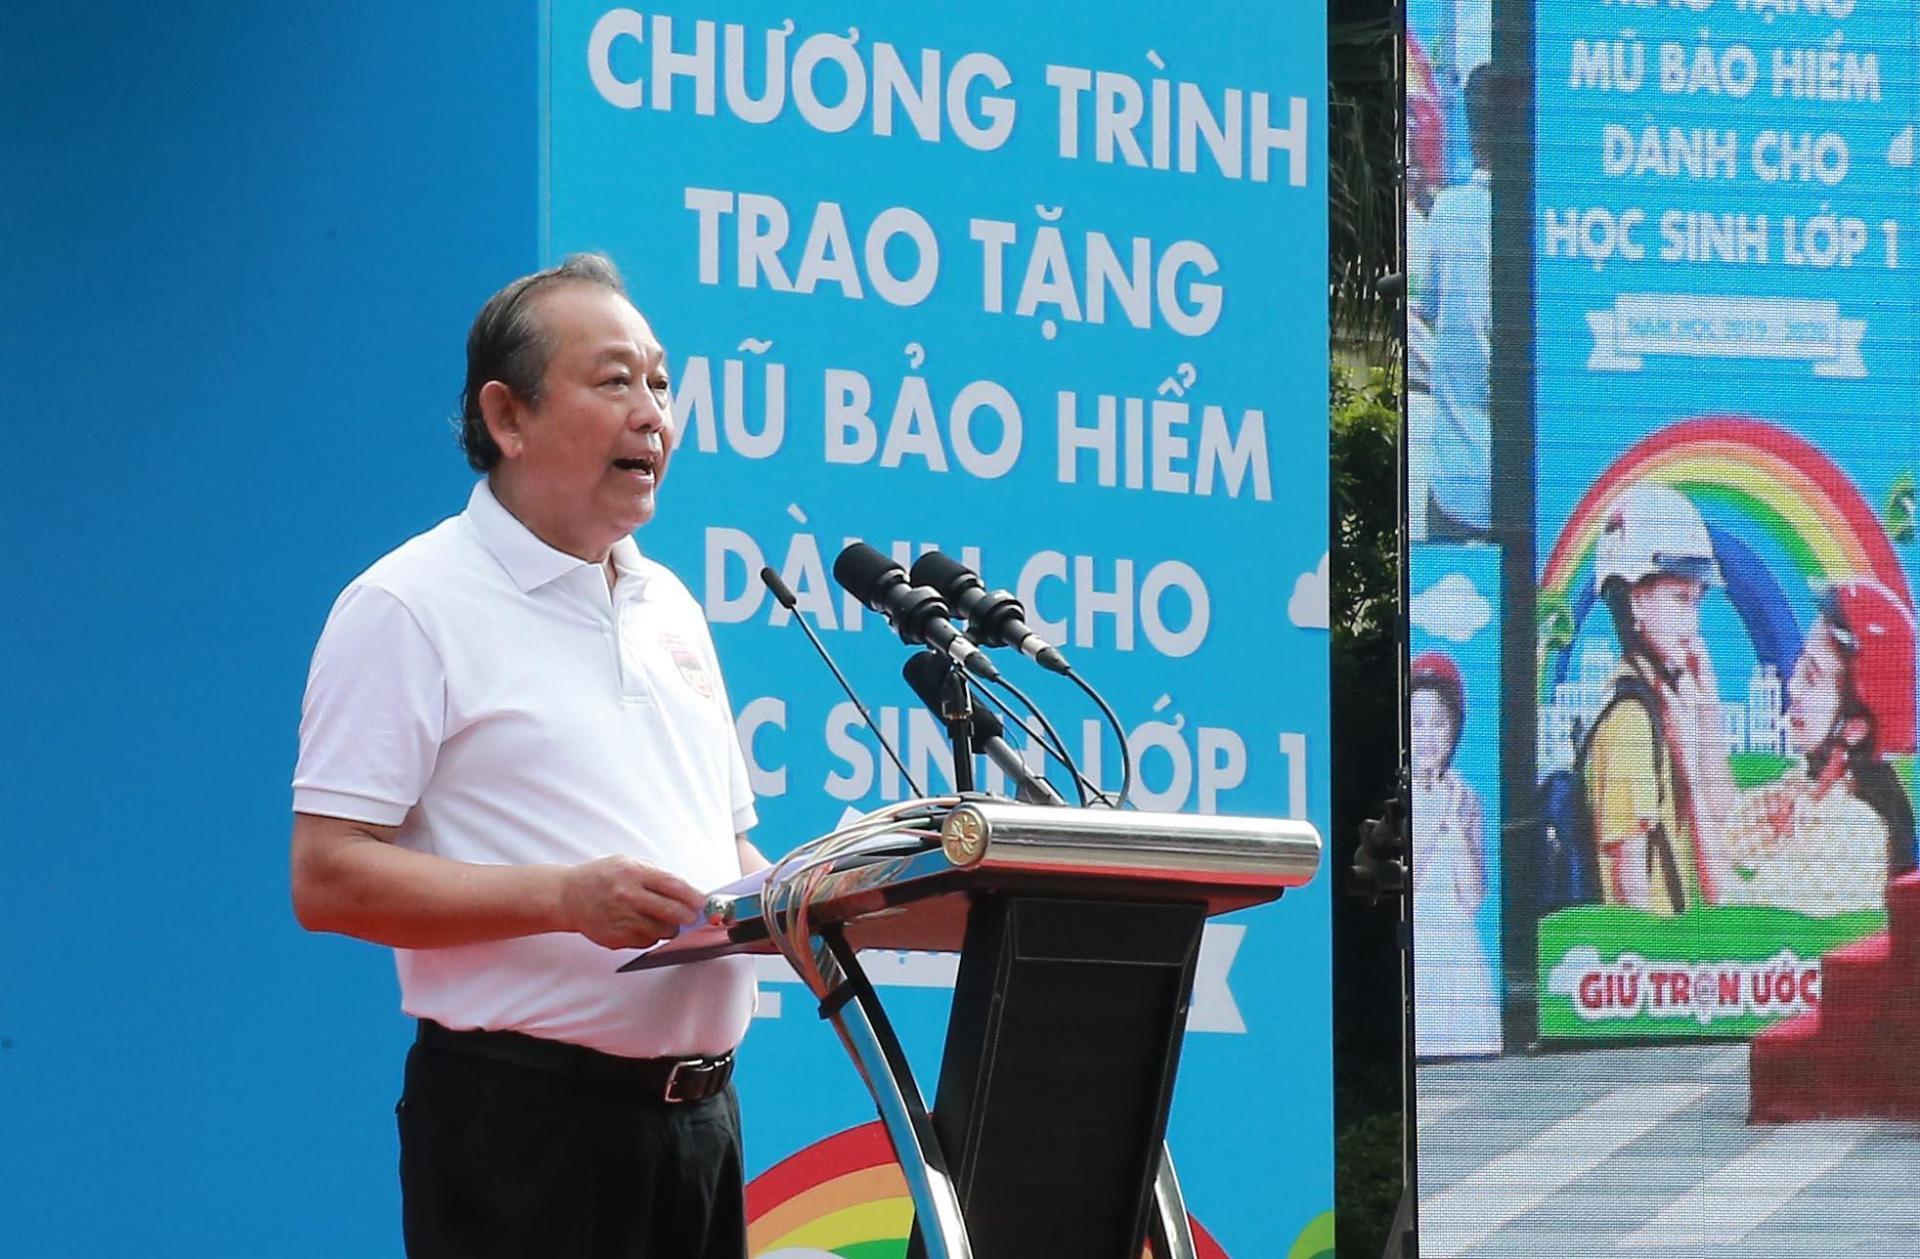 Phó Thủ tướng Thường trực Trương Hoà Bình phát biểu tại sự kiện.